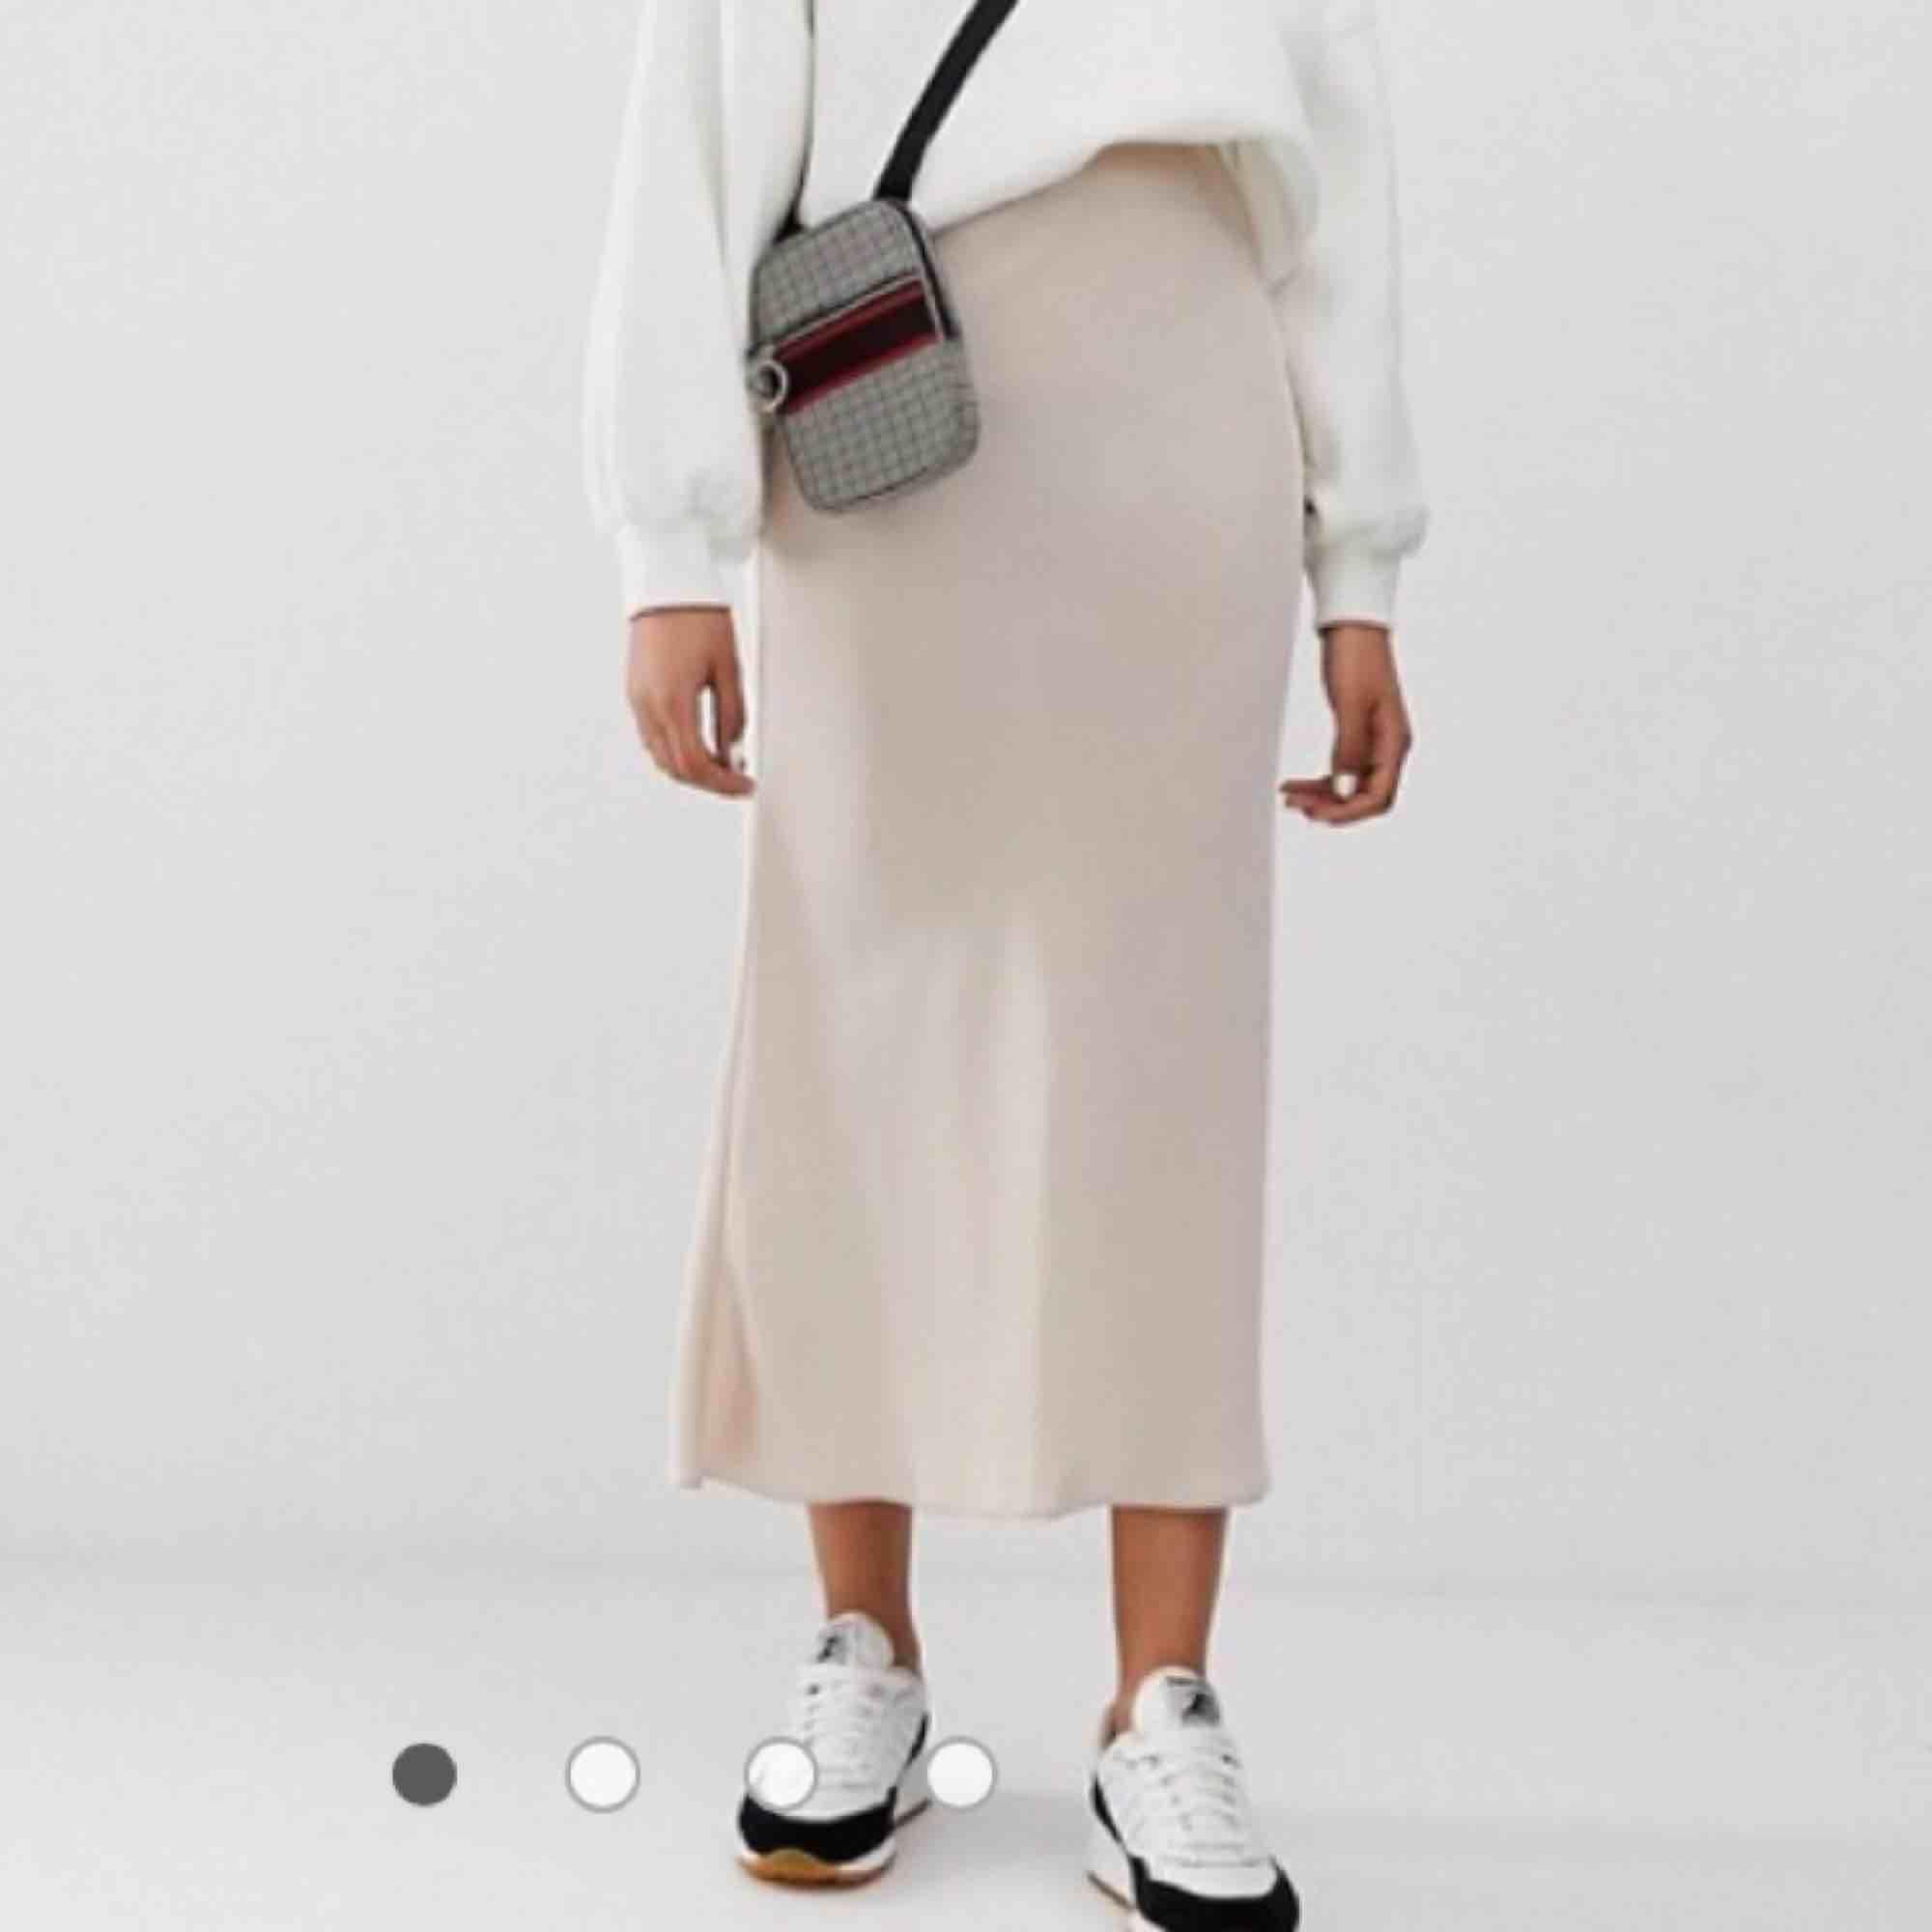 """Slip siden kjol från Asos Design. Aldrig använd förutom på bilderna! Sitter superfint och smickrande midi längd. Går att både klä upp och ner till vardags🖤🥀 Sista bilden är från hemsidan. Färgen heter """"off white"""". Kjolar."""